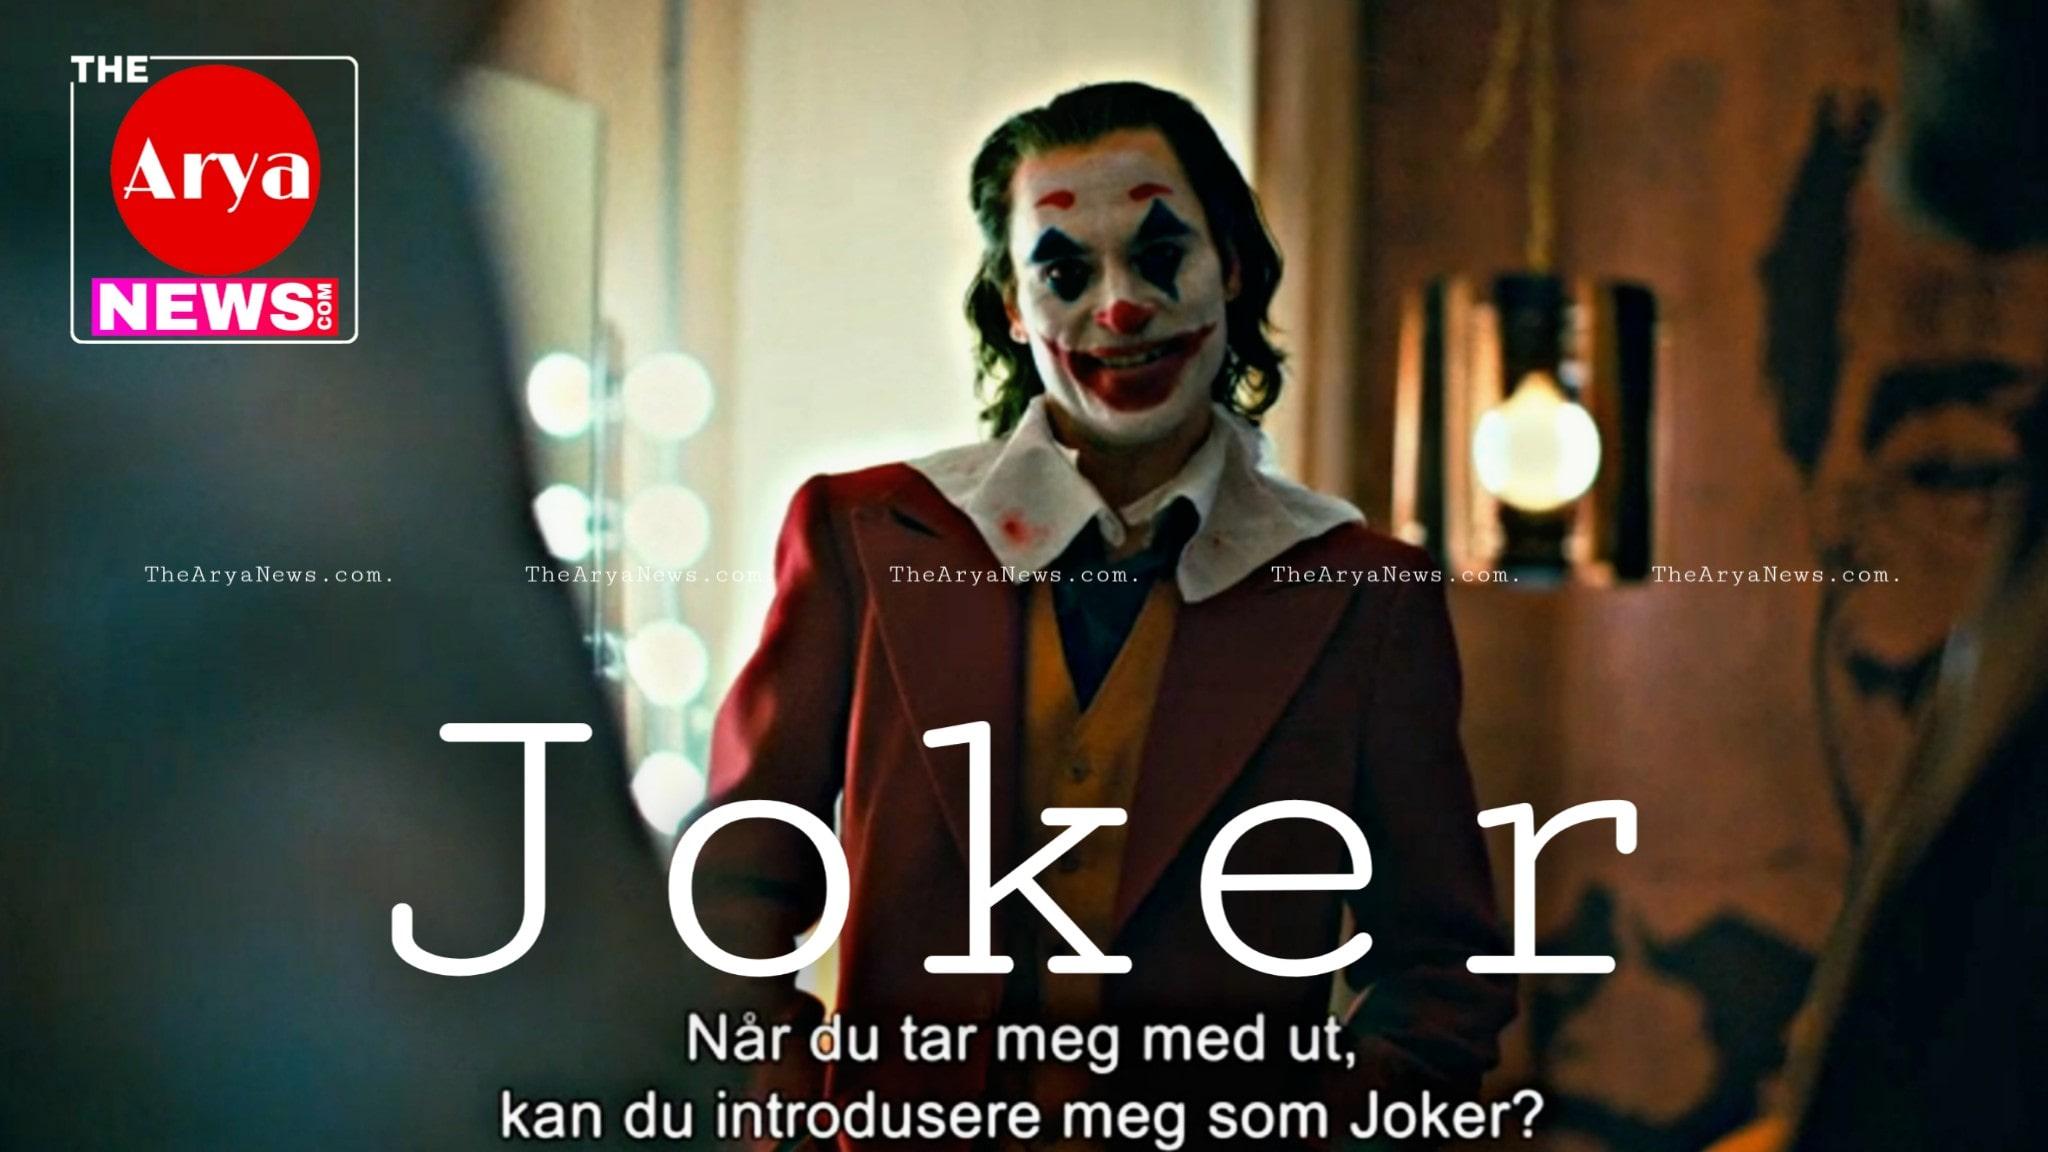 Joker (2020) » Download Full Leaked Movie on FilmyGod